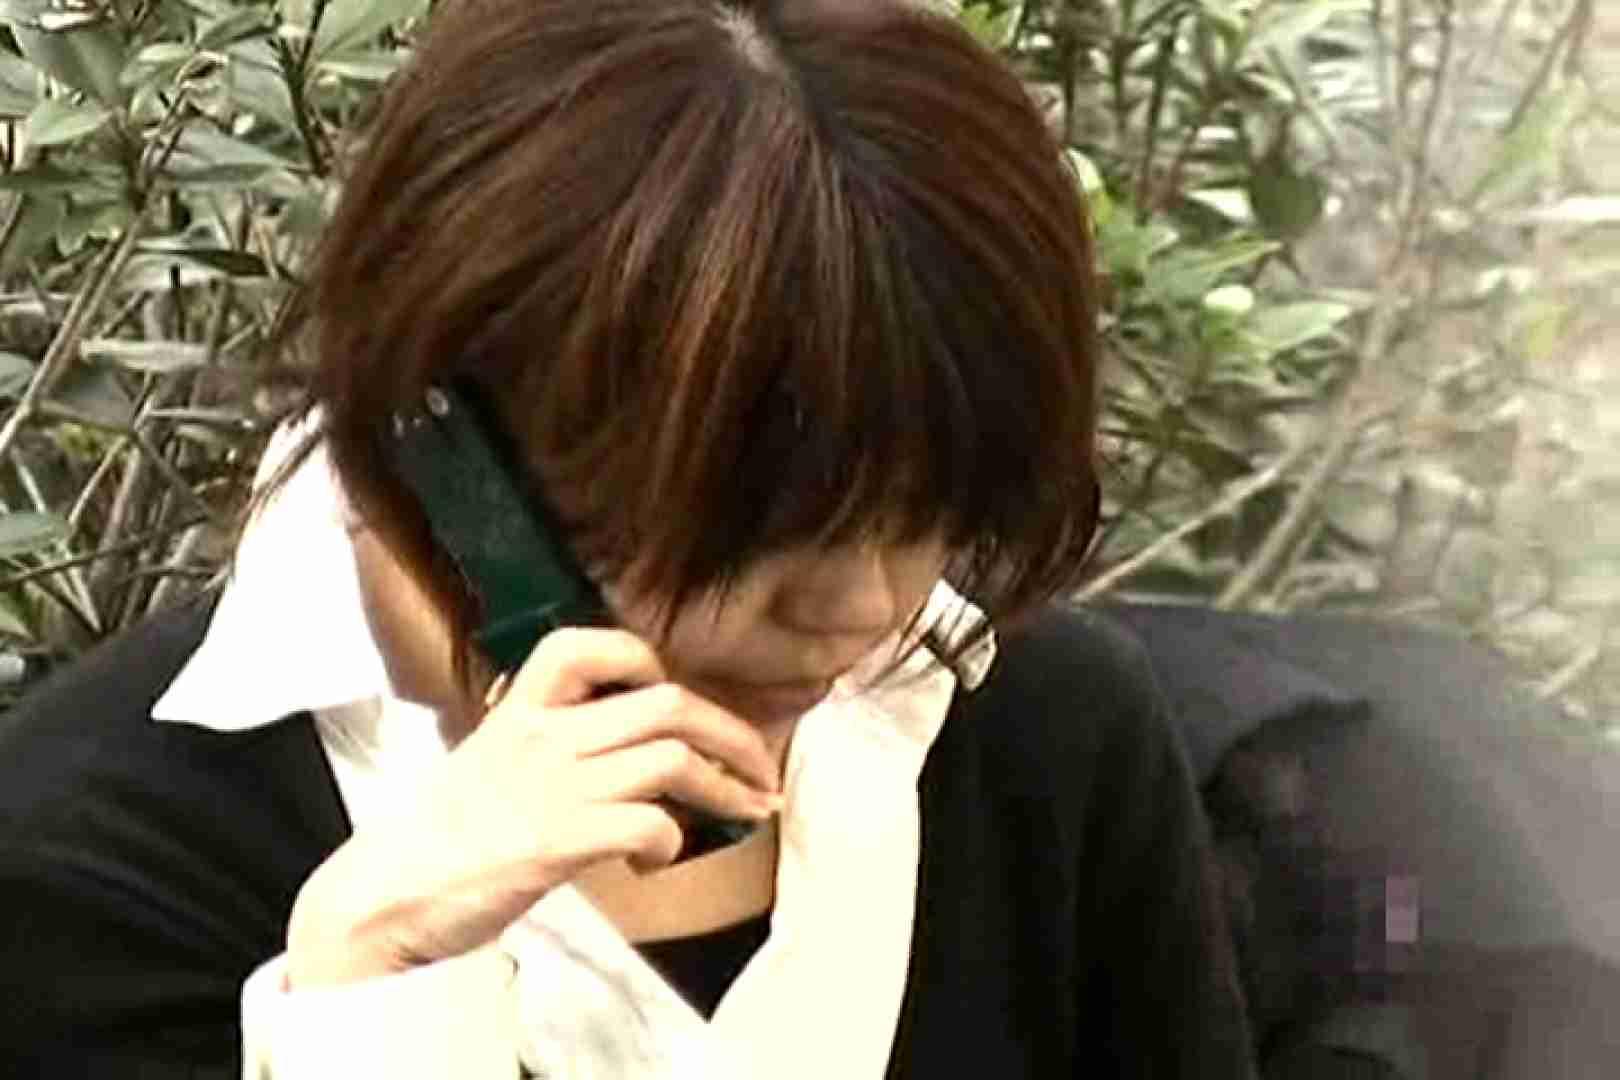 マンチラインパクトVol.9 ハプニング ワレメ動画紹介 76pic 11